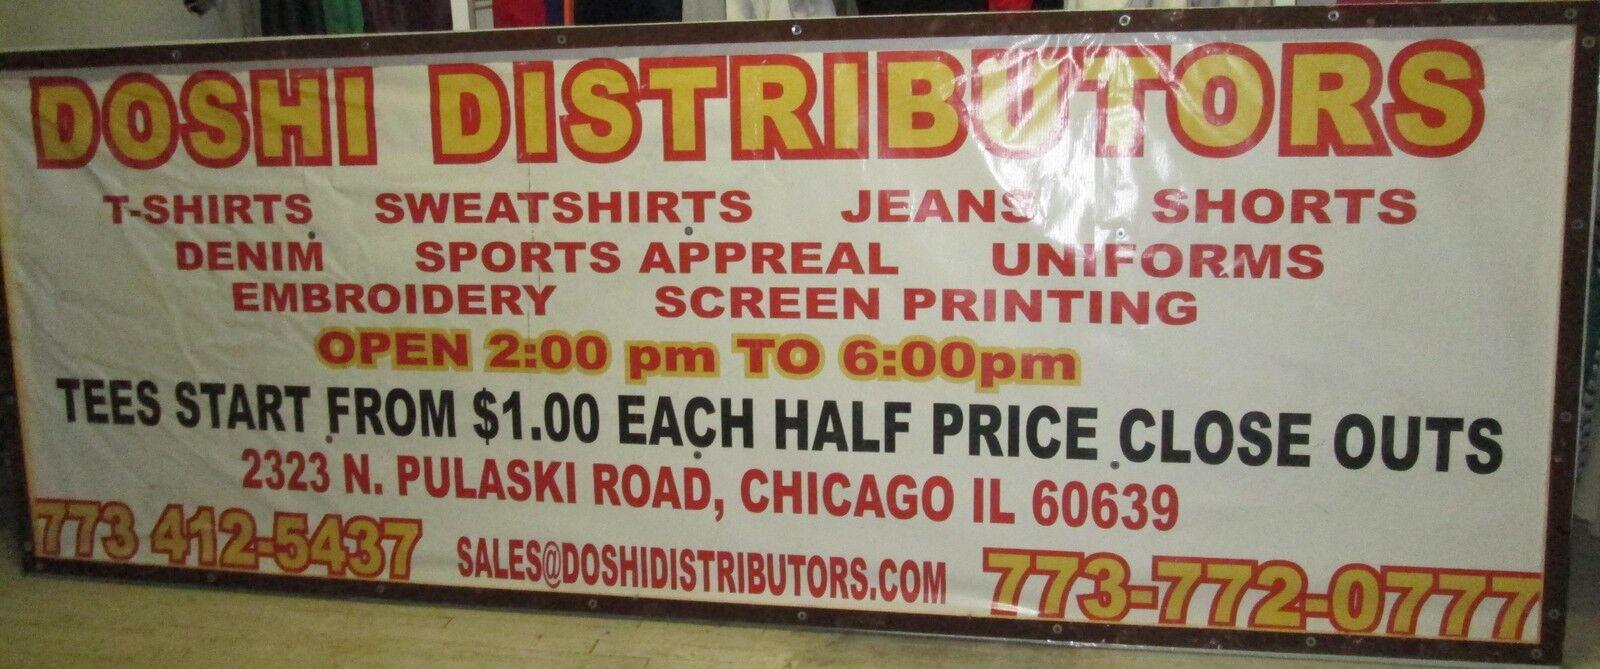 Wholesaletshirts